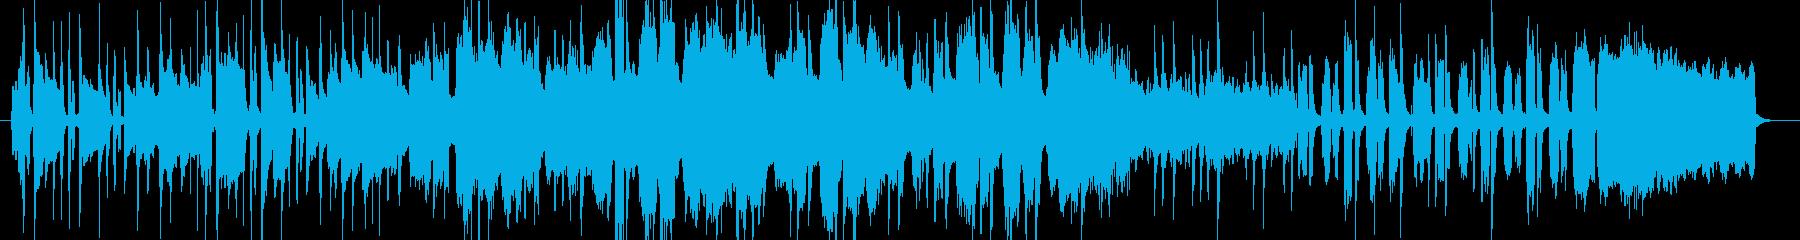 アコーディオンを使った情熱的なBGMの再生済みの波形